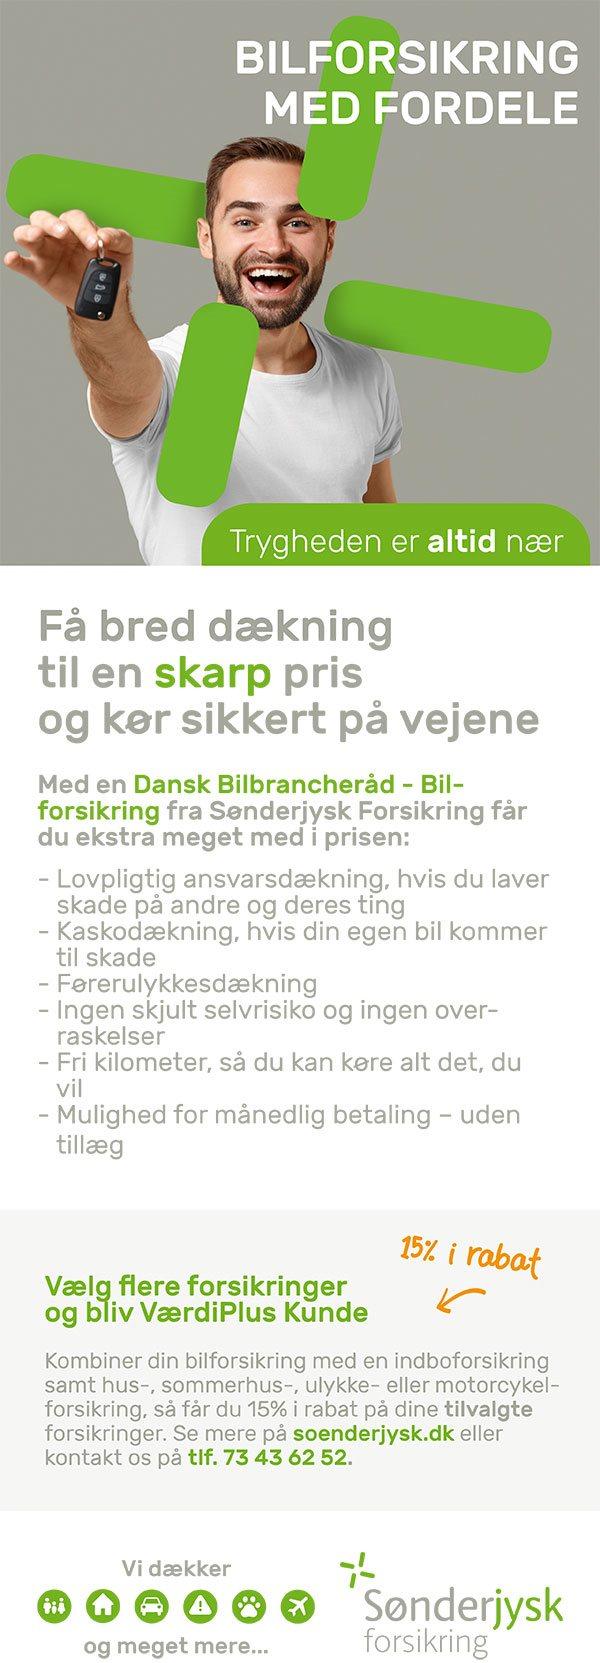 forsikring-1.jpg